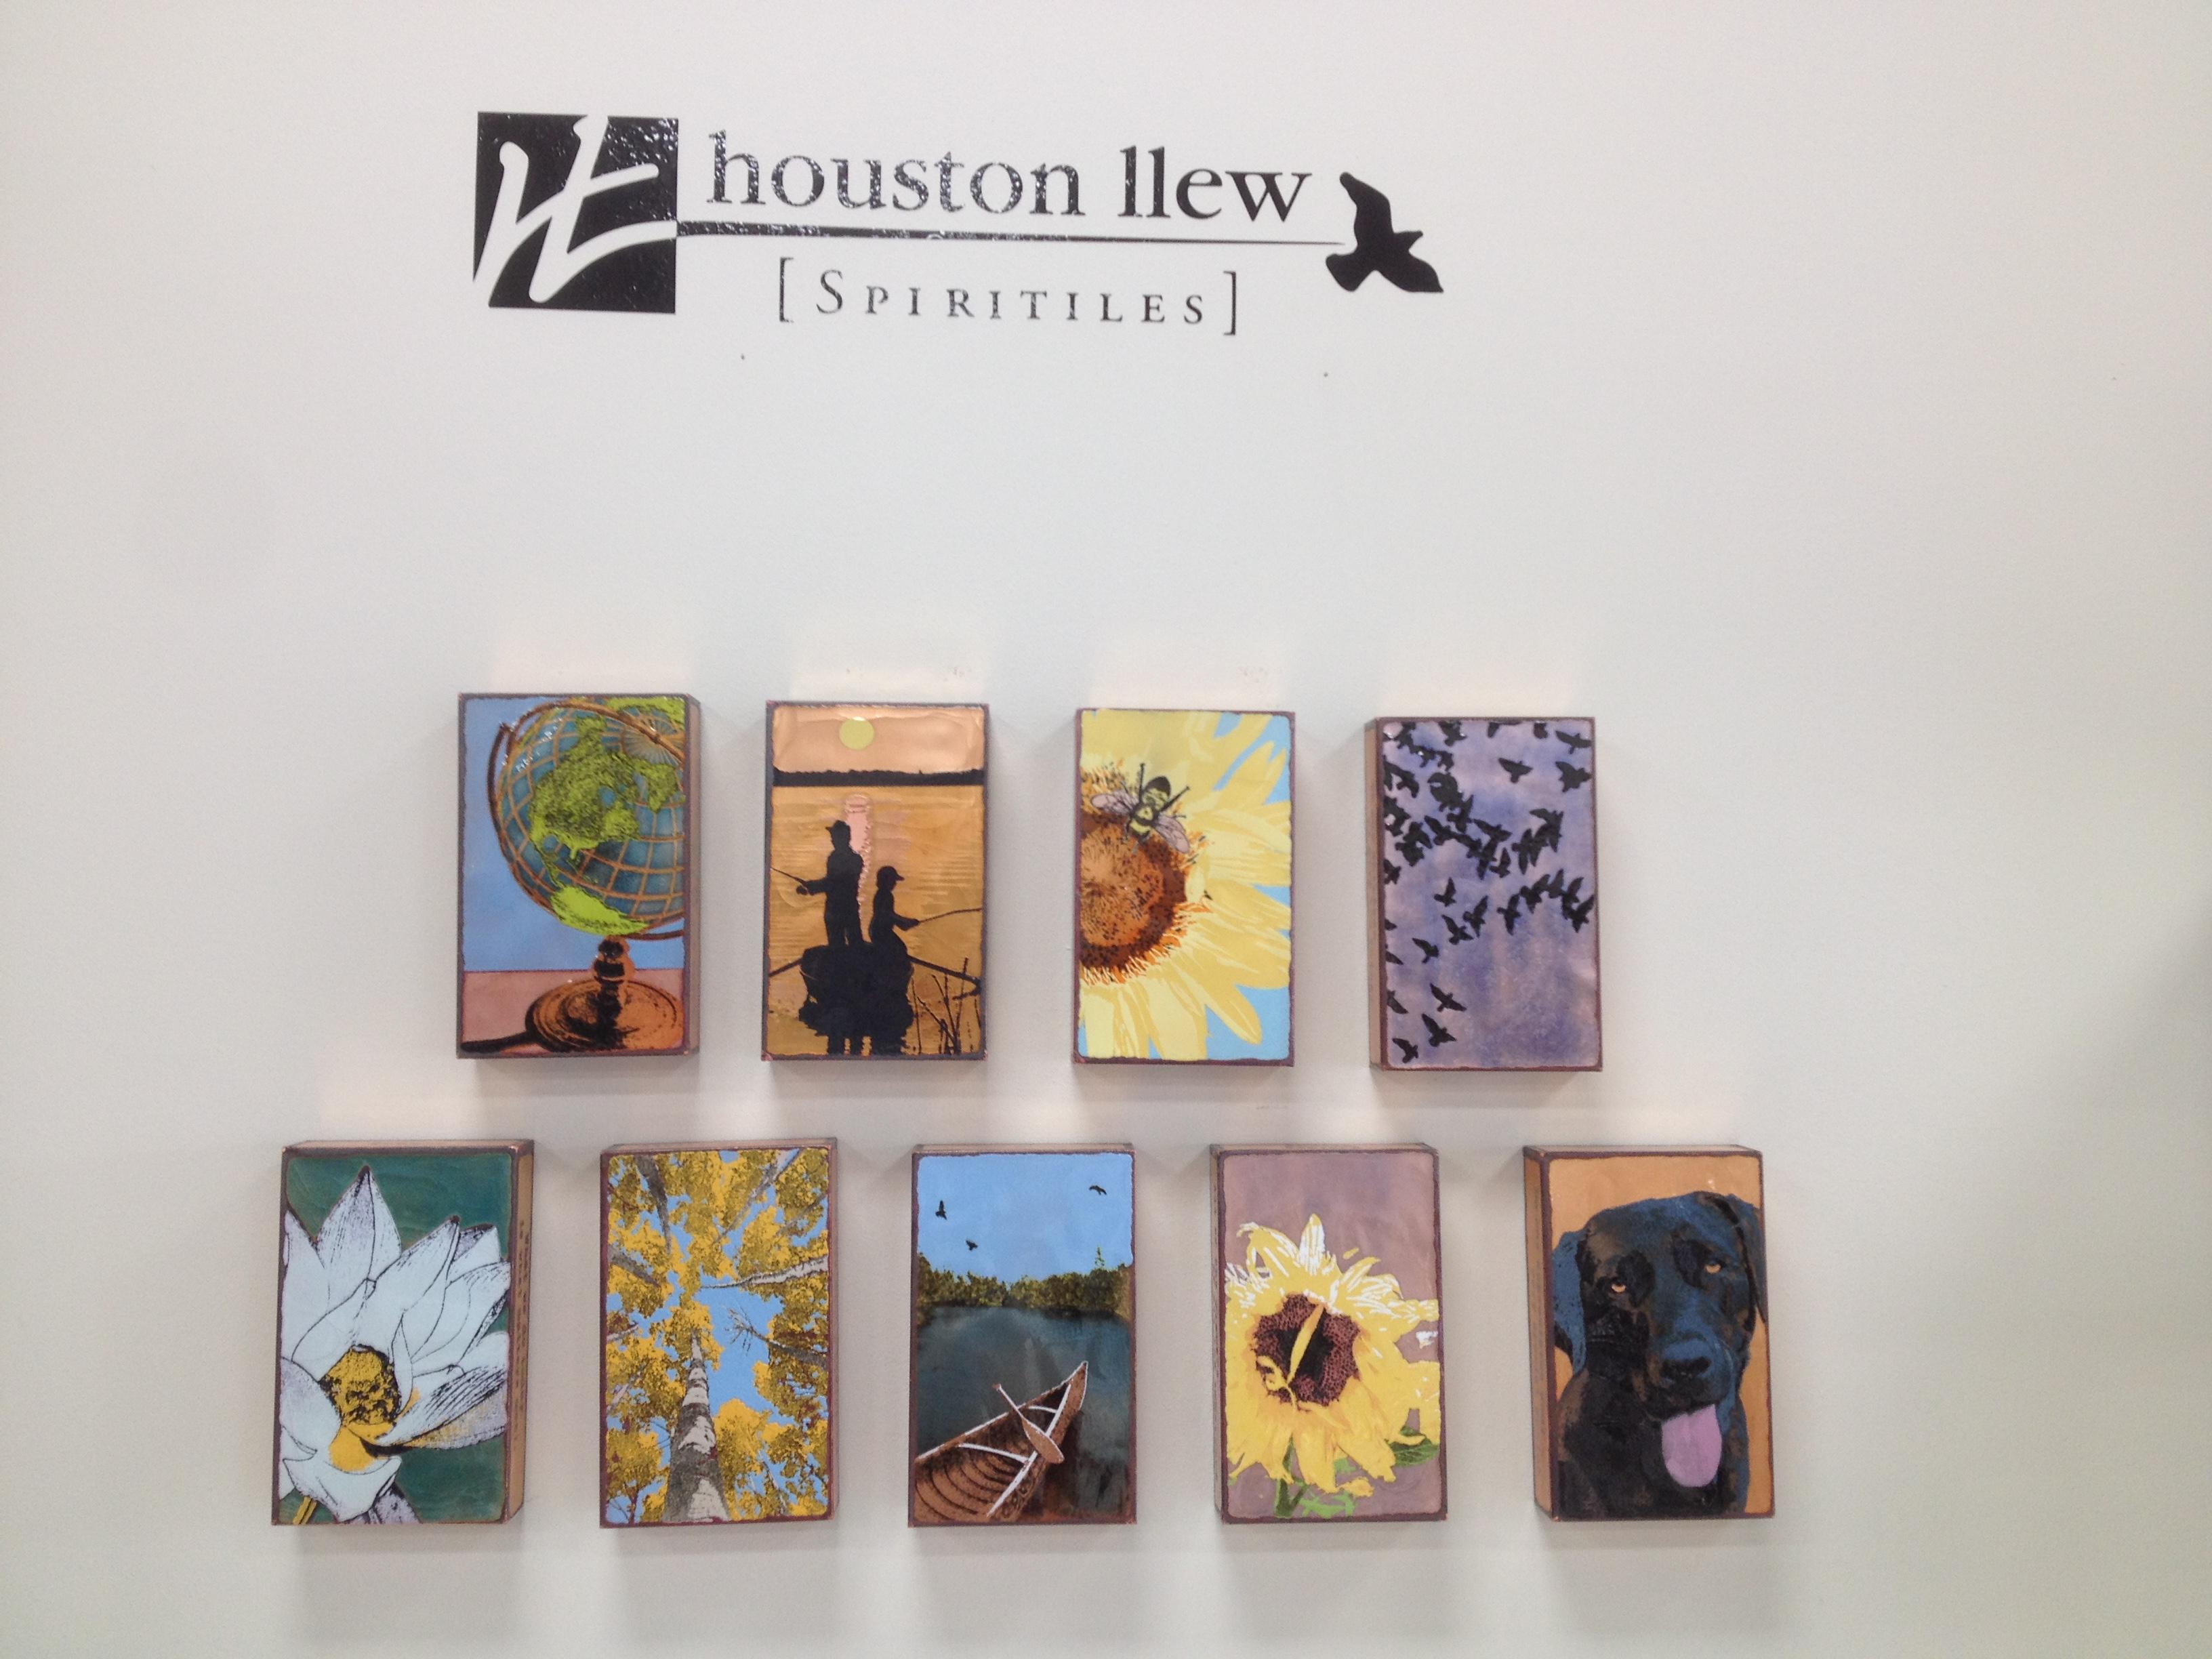 Houston IIew